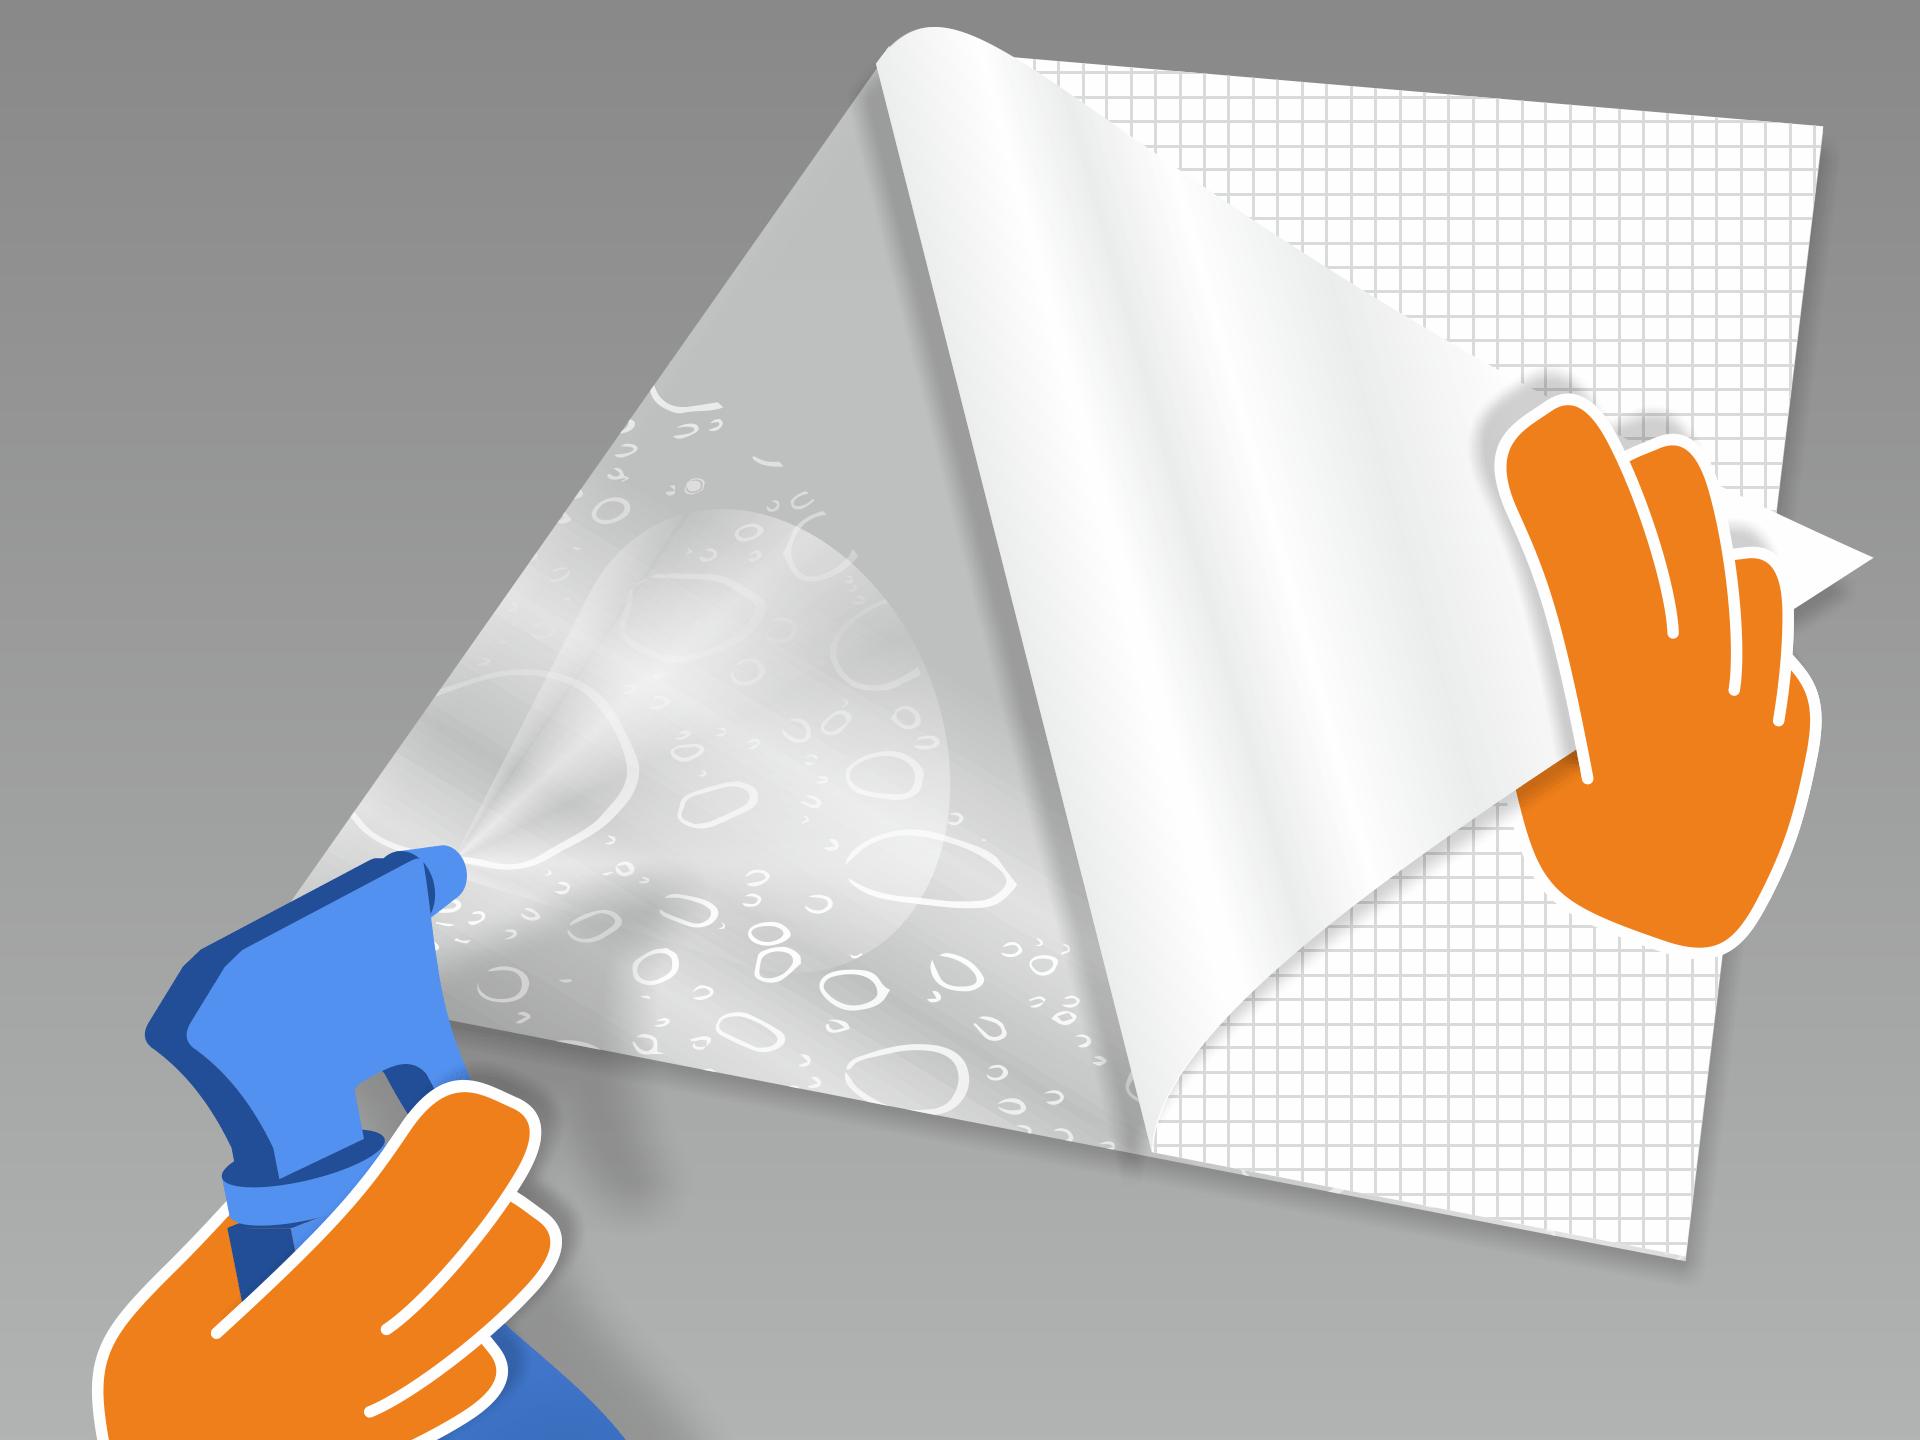 Folie auf einer glatten, sauberen Fläche mit dem Trägerpapier nach oben auslegen. Nun das Trägerpapier vorsichtig von der Folie lösen und die Klebeseite vollständig mit einem Wasser-Spülmittel-Gemisch besprühen. Montiert Ihr zu zweit? Dann kann Person 1 die Folie in der Luft halten, während Person 2 das Trägerpapier abzieht und die Klebeseite besprüht.